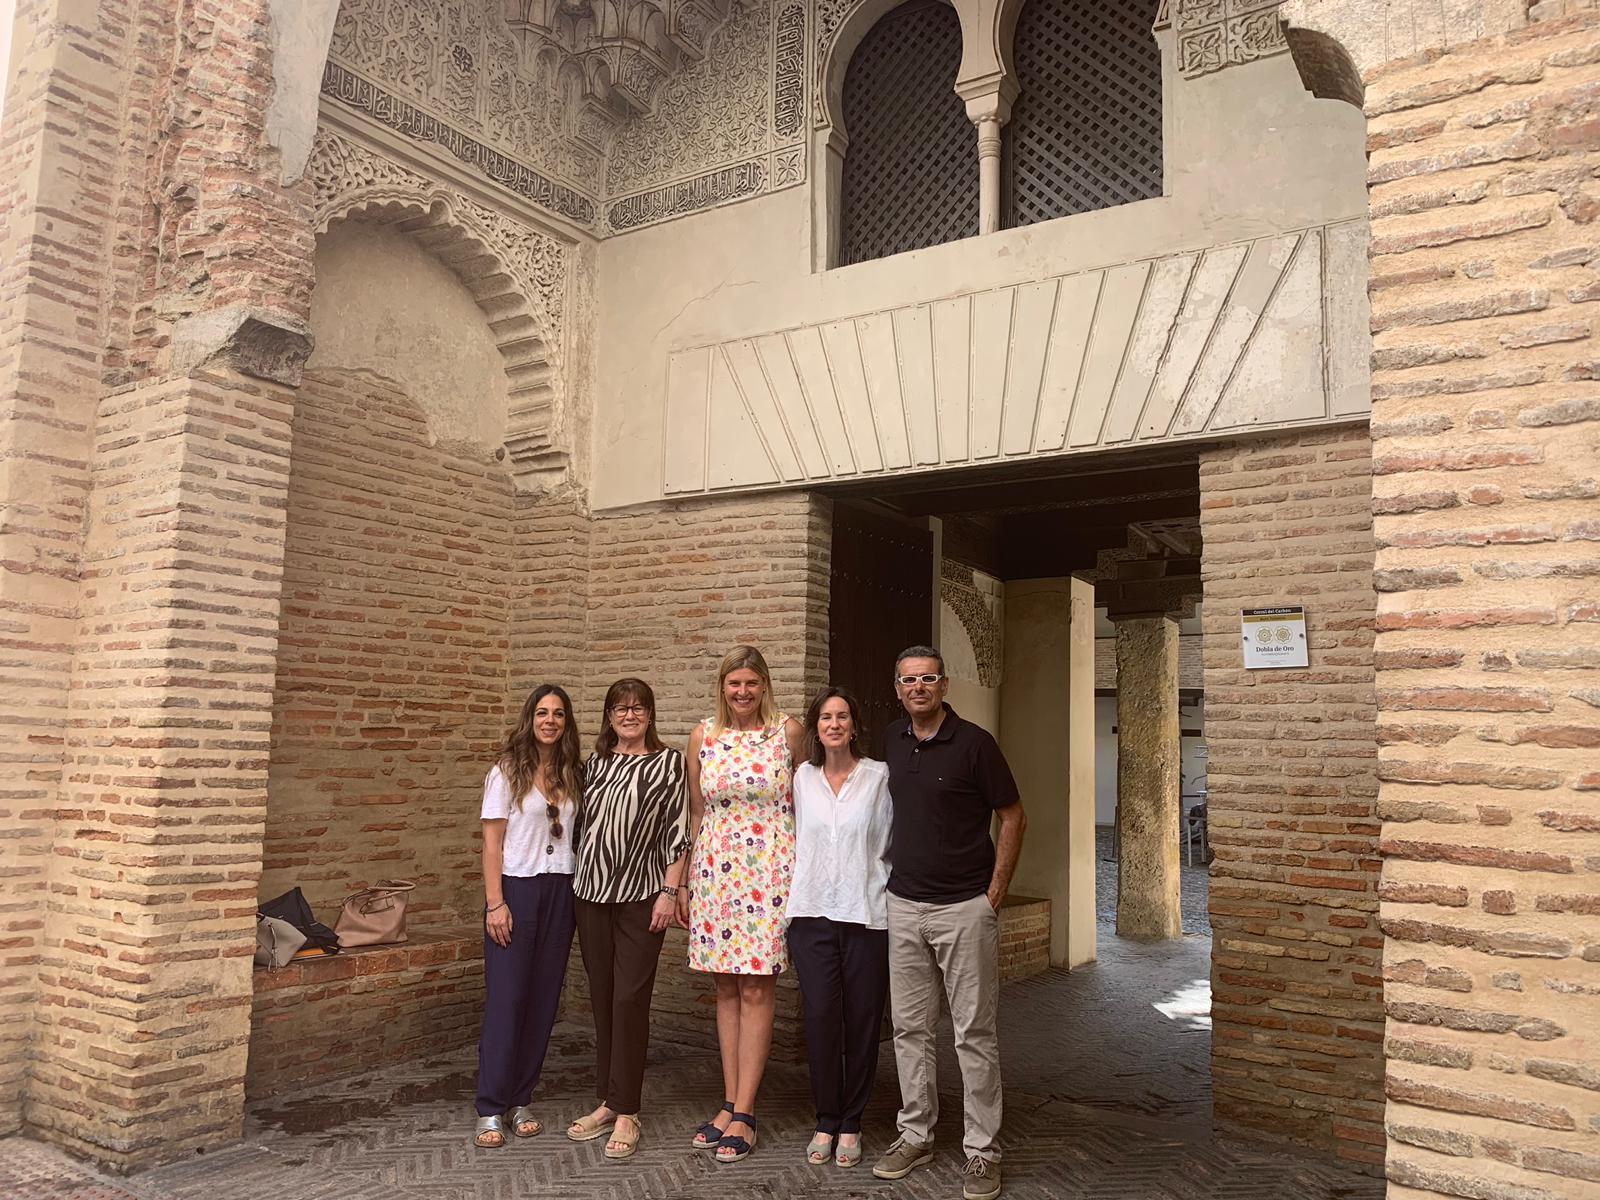 La Zubia acogerá exposiciones y conferencias del Legado Andalusí